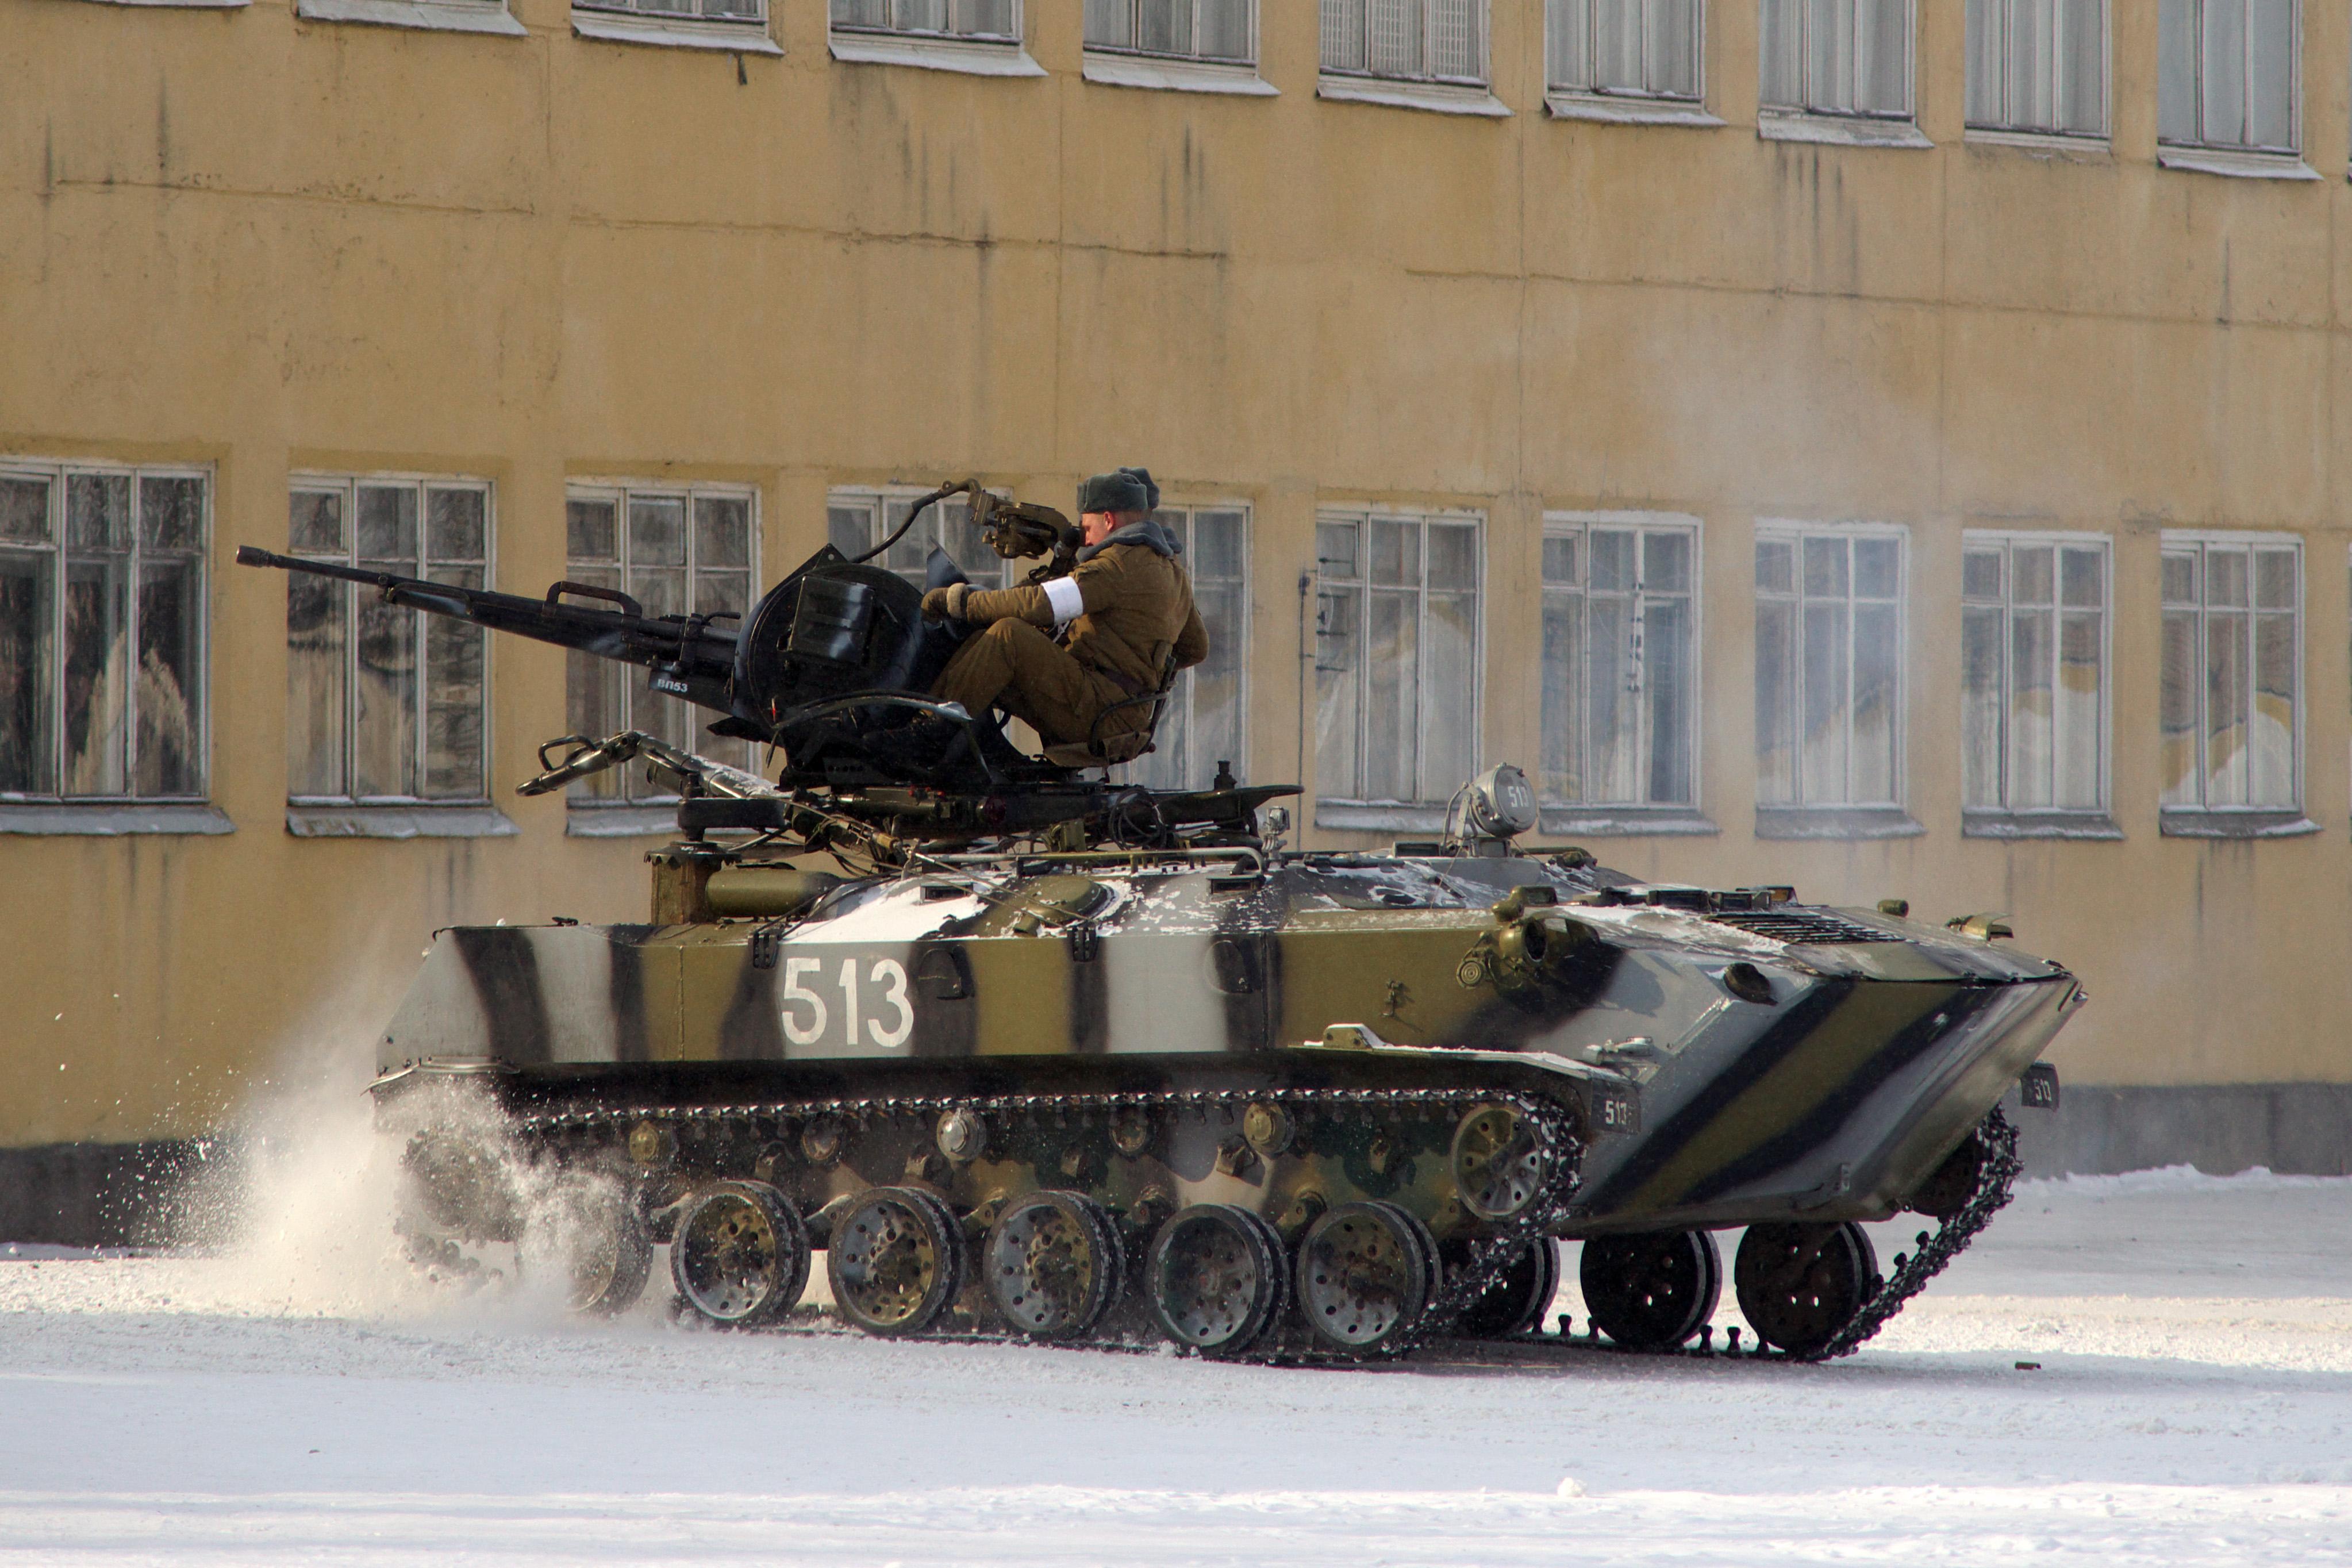 Btr-d_Belarus.jpg?uselang=ru